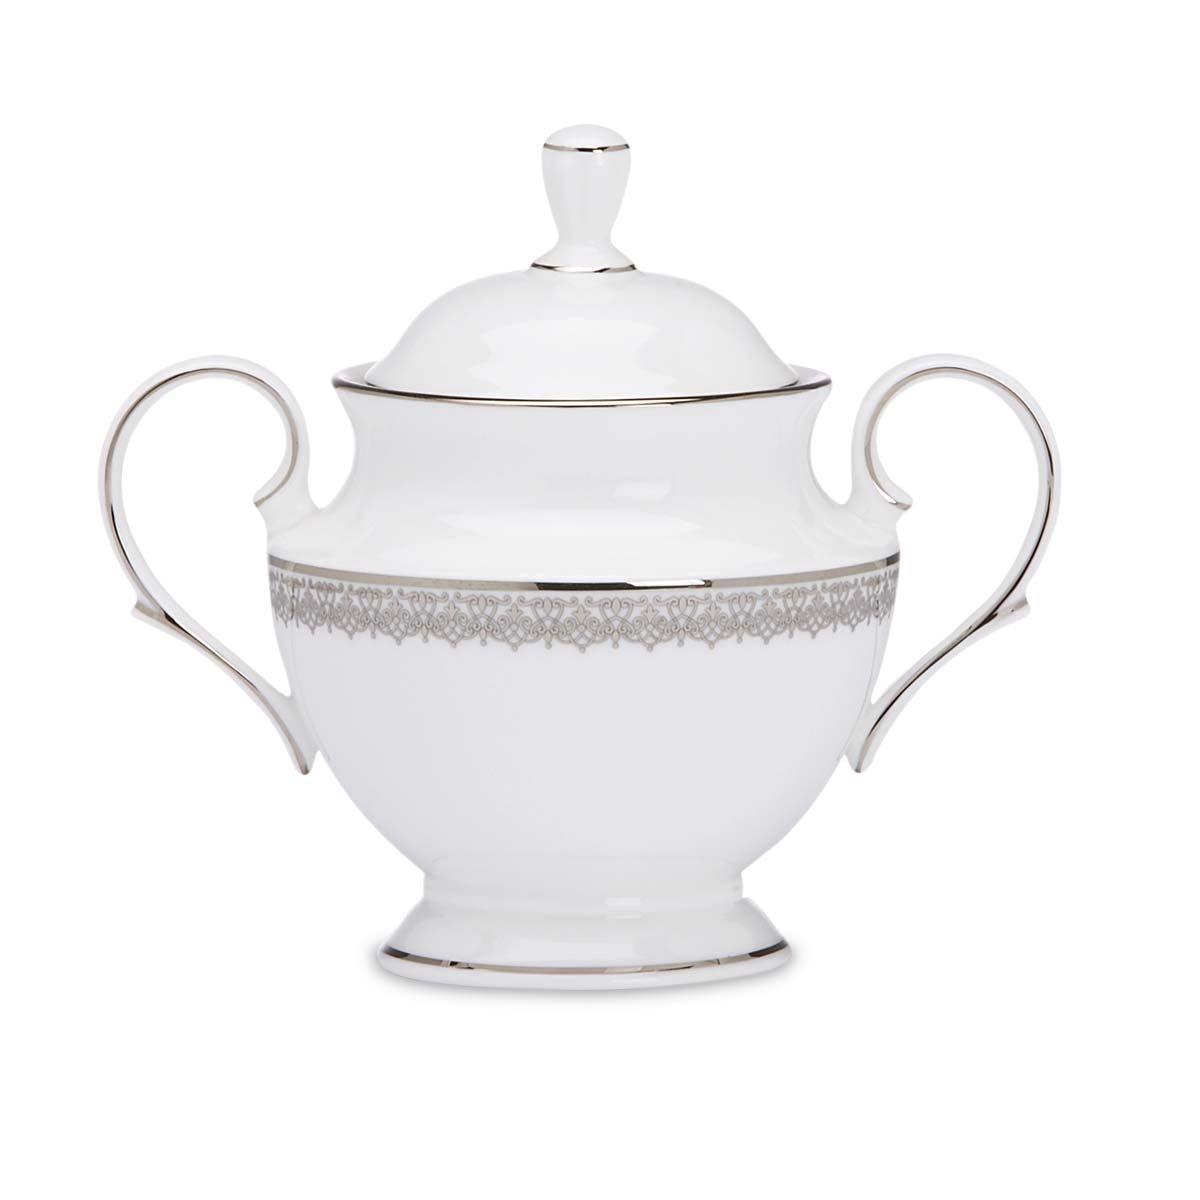 Lenox Lace Couture Sugar Bowl